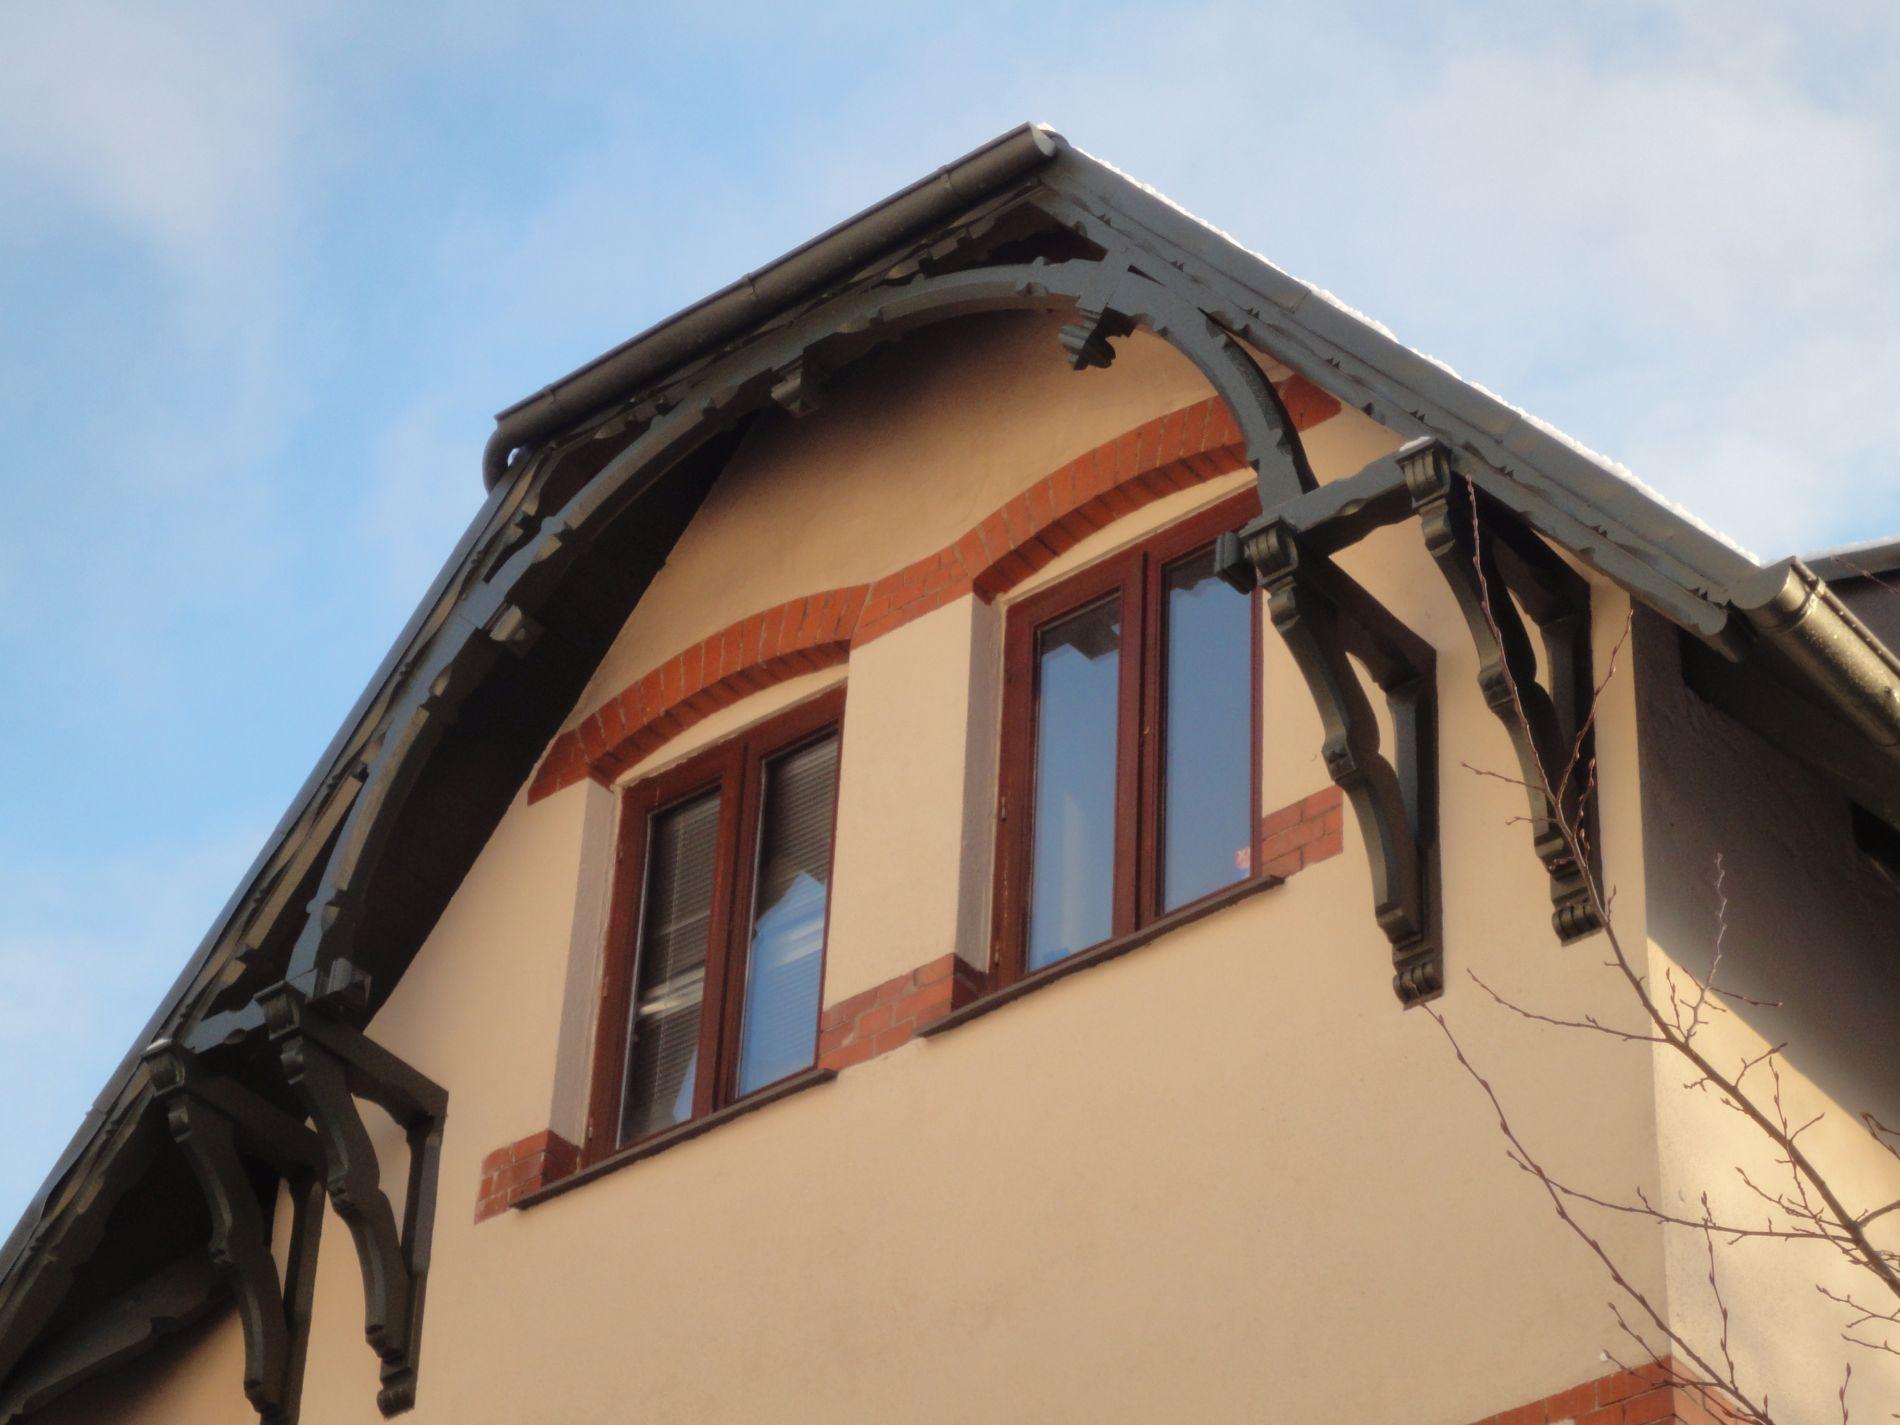 Freigebinde nach der Sanierung in der Wrangelstraße in Flensburg